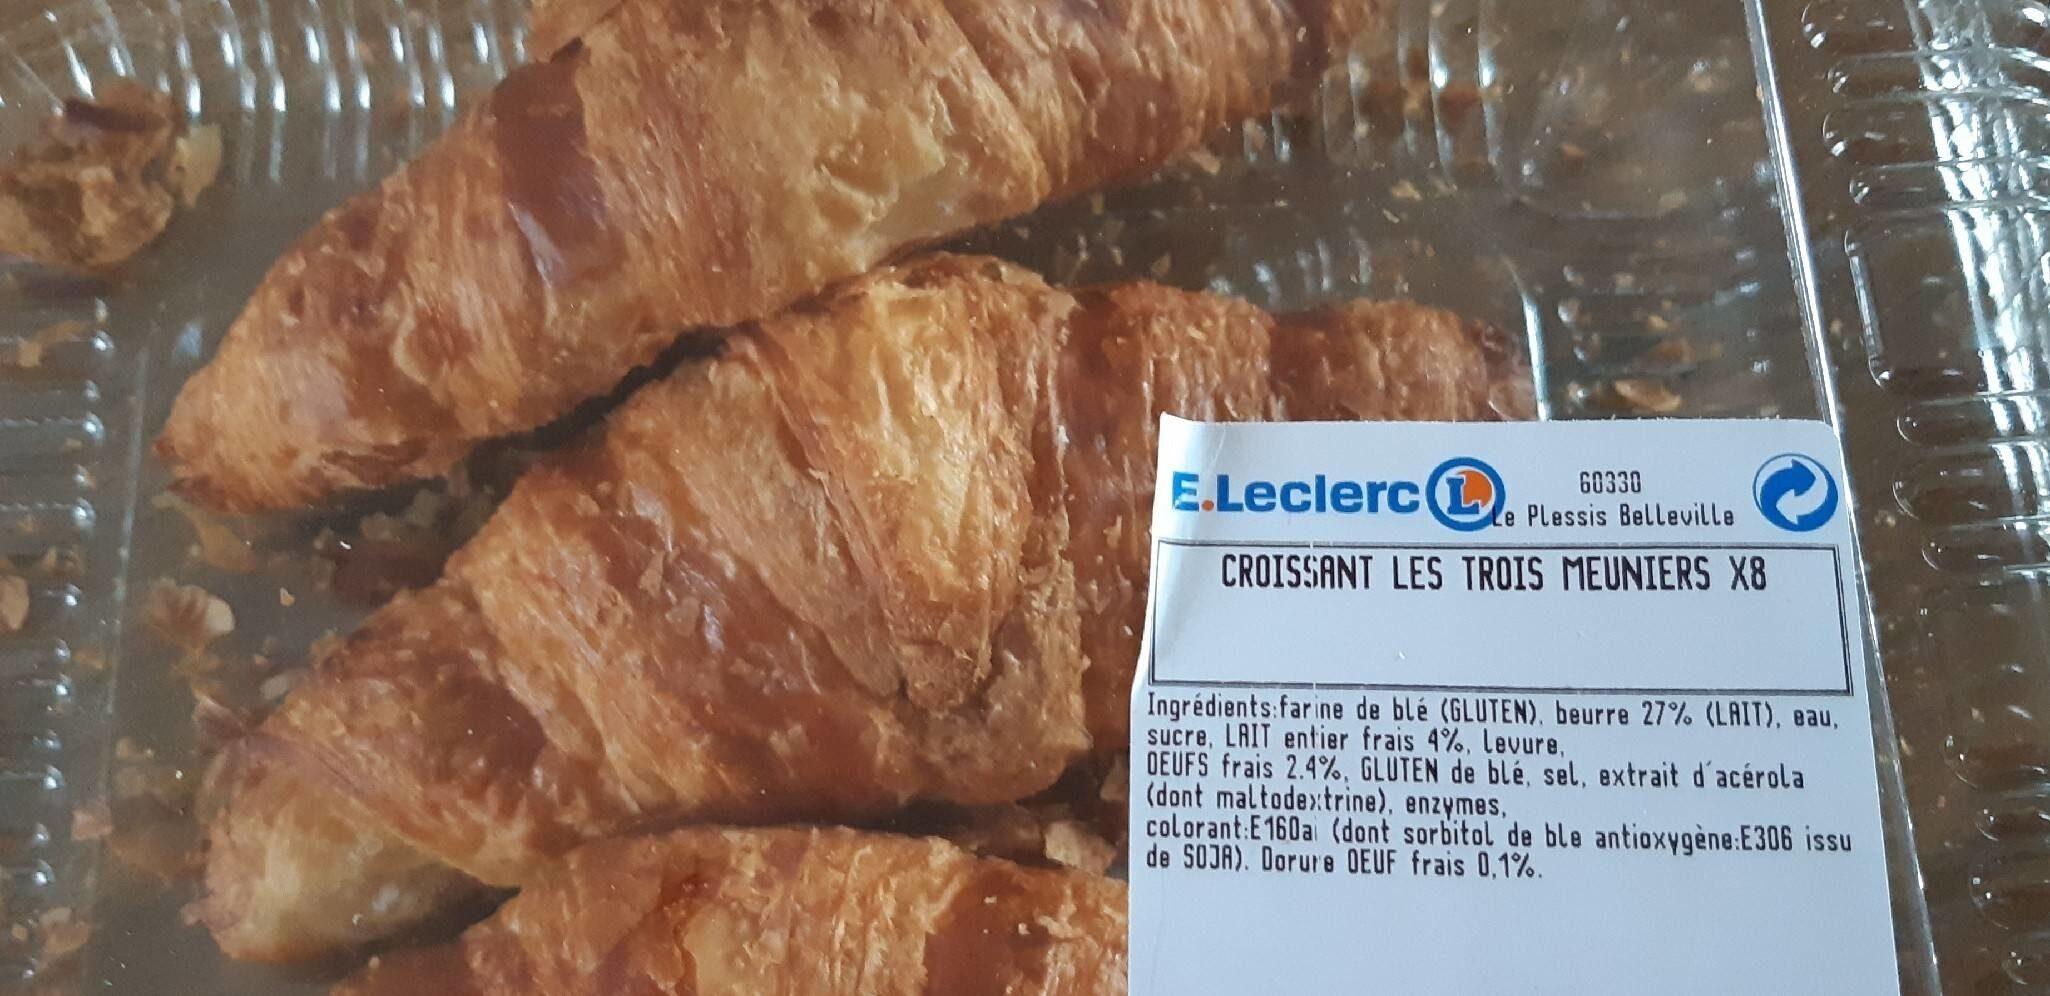 Croissants Les trois meuniers (E. Leclerc) - Product